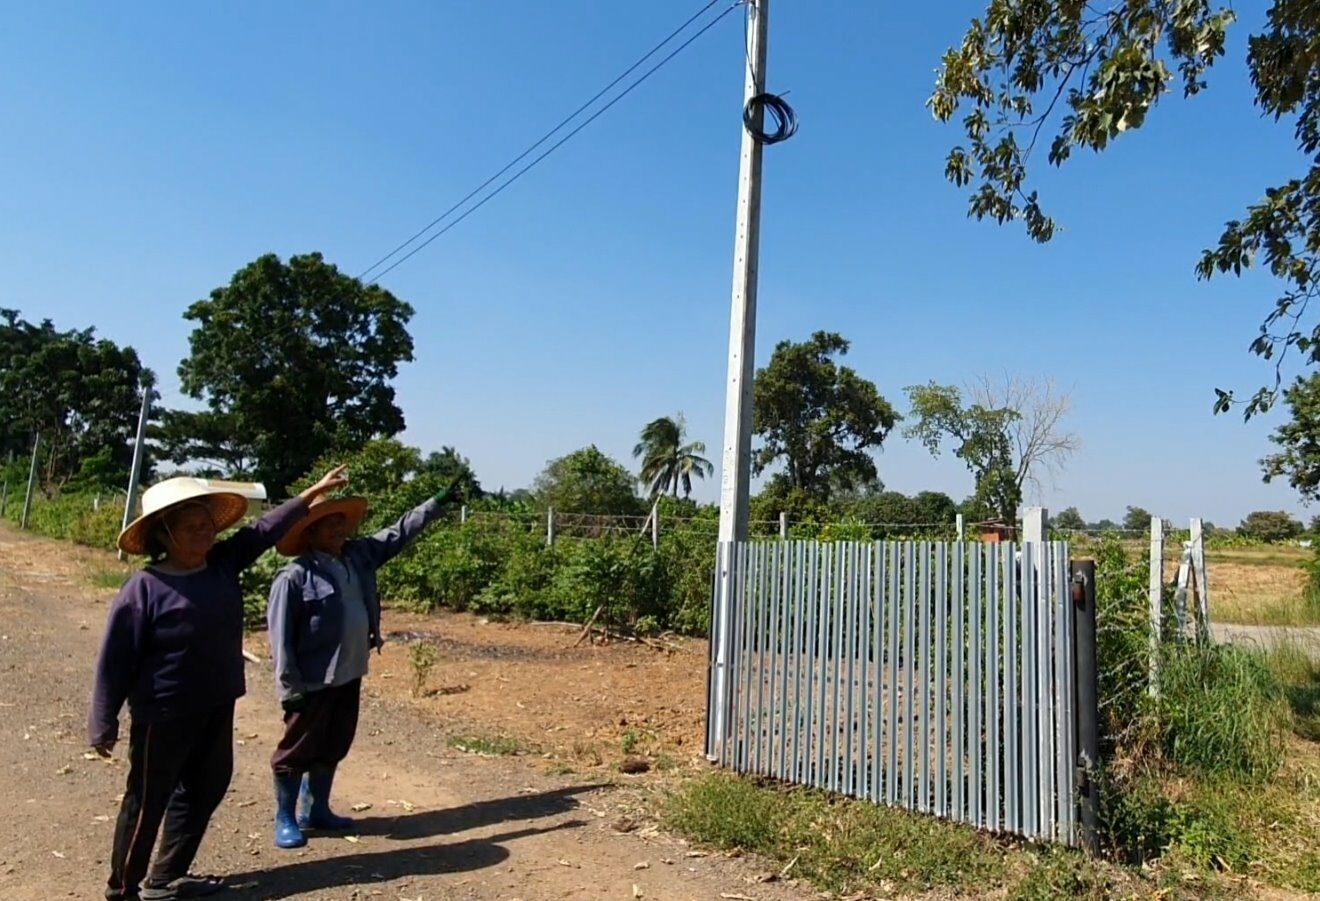 ชาวบัวใหญ่ ร้องไร้ไฟฟ้าใช้ 10 หลังคา ทั้งที่เสาไฟฟ้าอยู่ตรงข้ามถนน